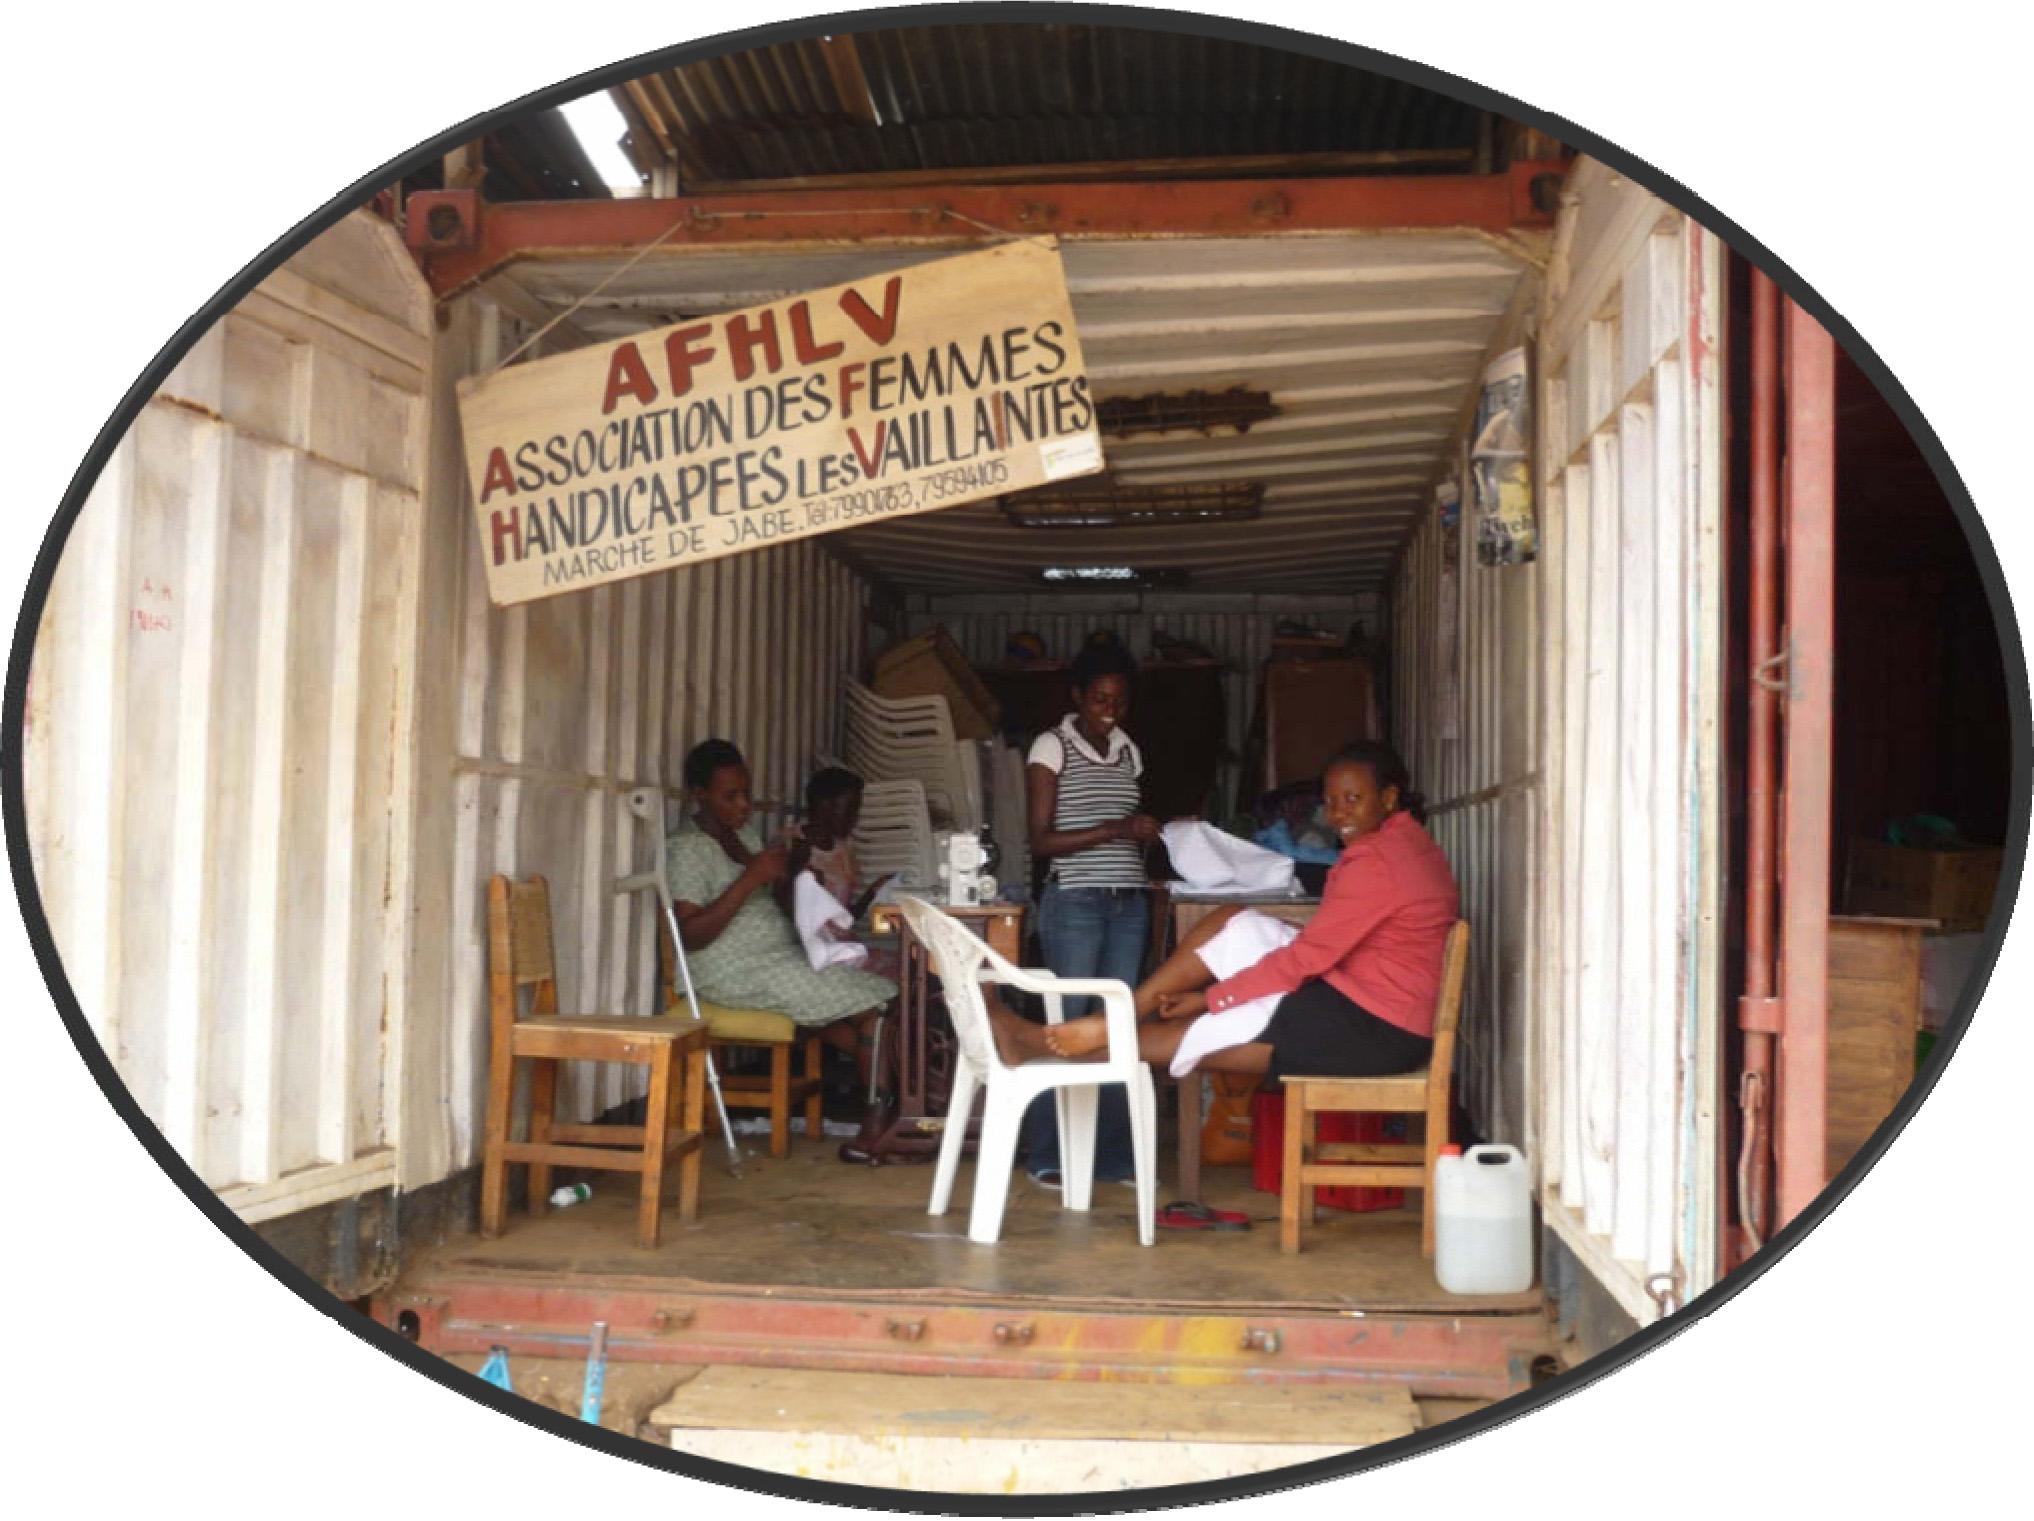 le ragazze dell'atelier l'Espoir all'inizio della loro attività nel container